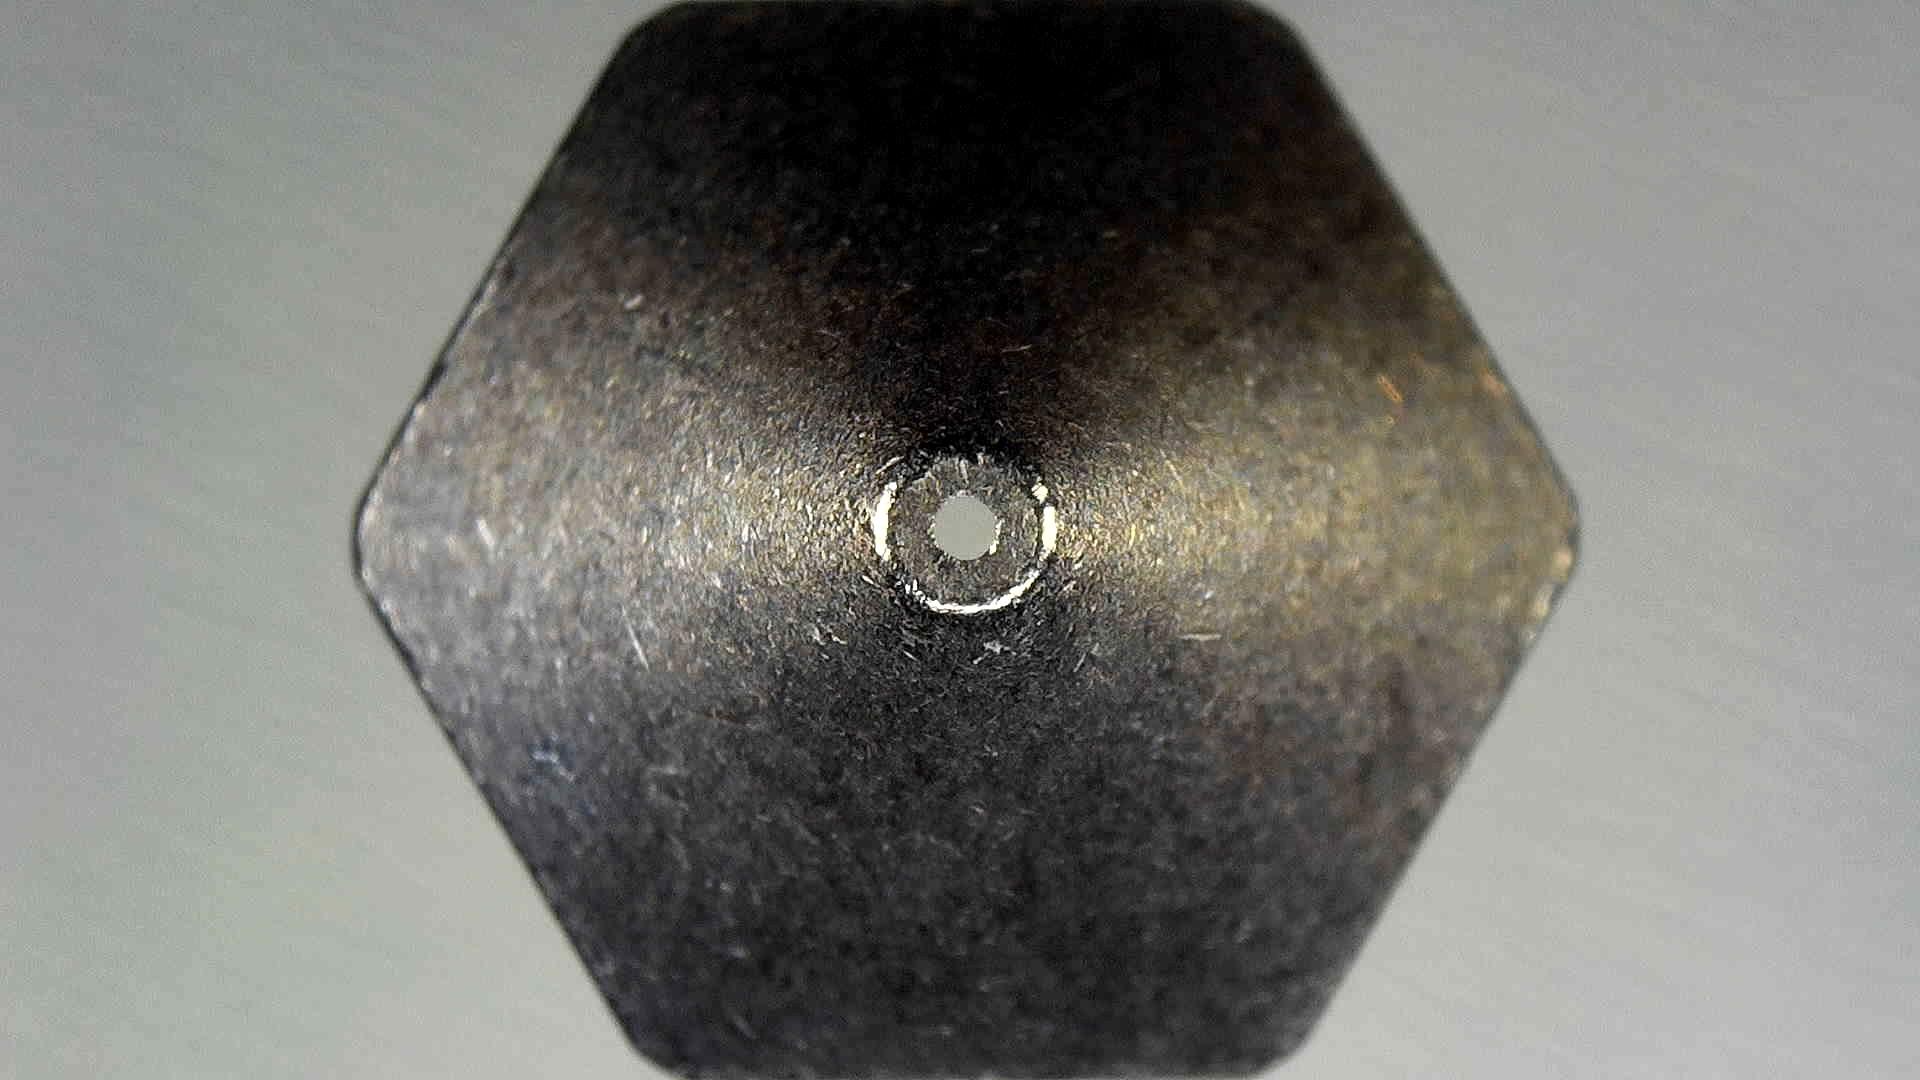 Mellow-NF-V6-Volcano-Plated-Copper-Nozzle-1-3D Printer Nozzle Comparison